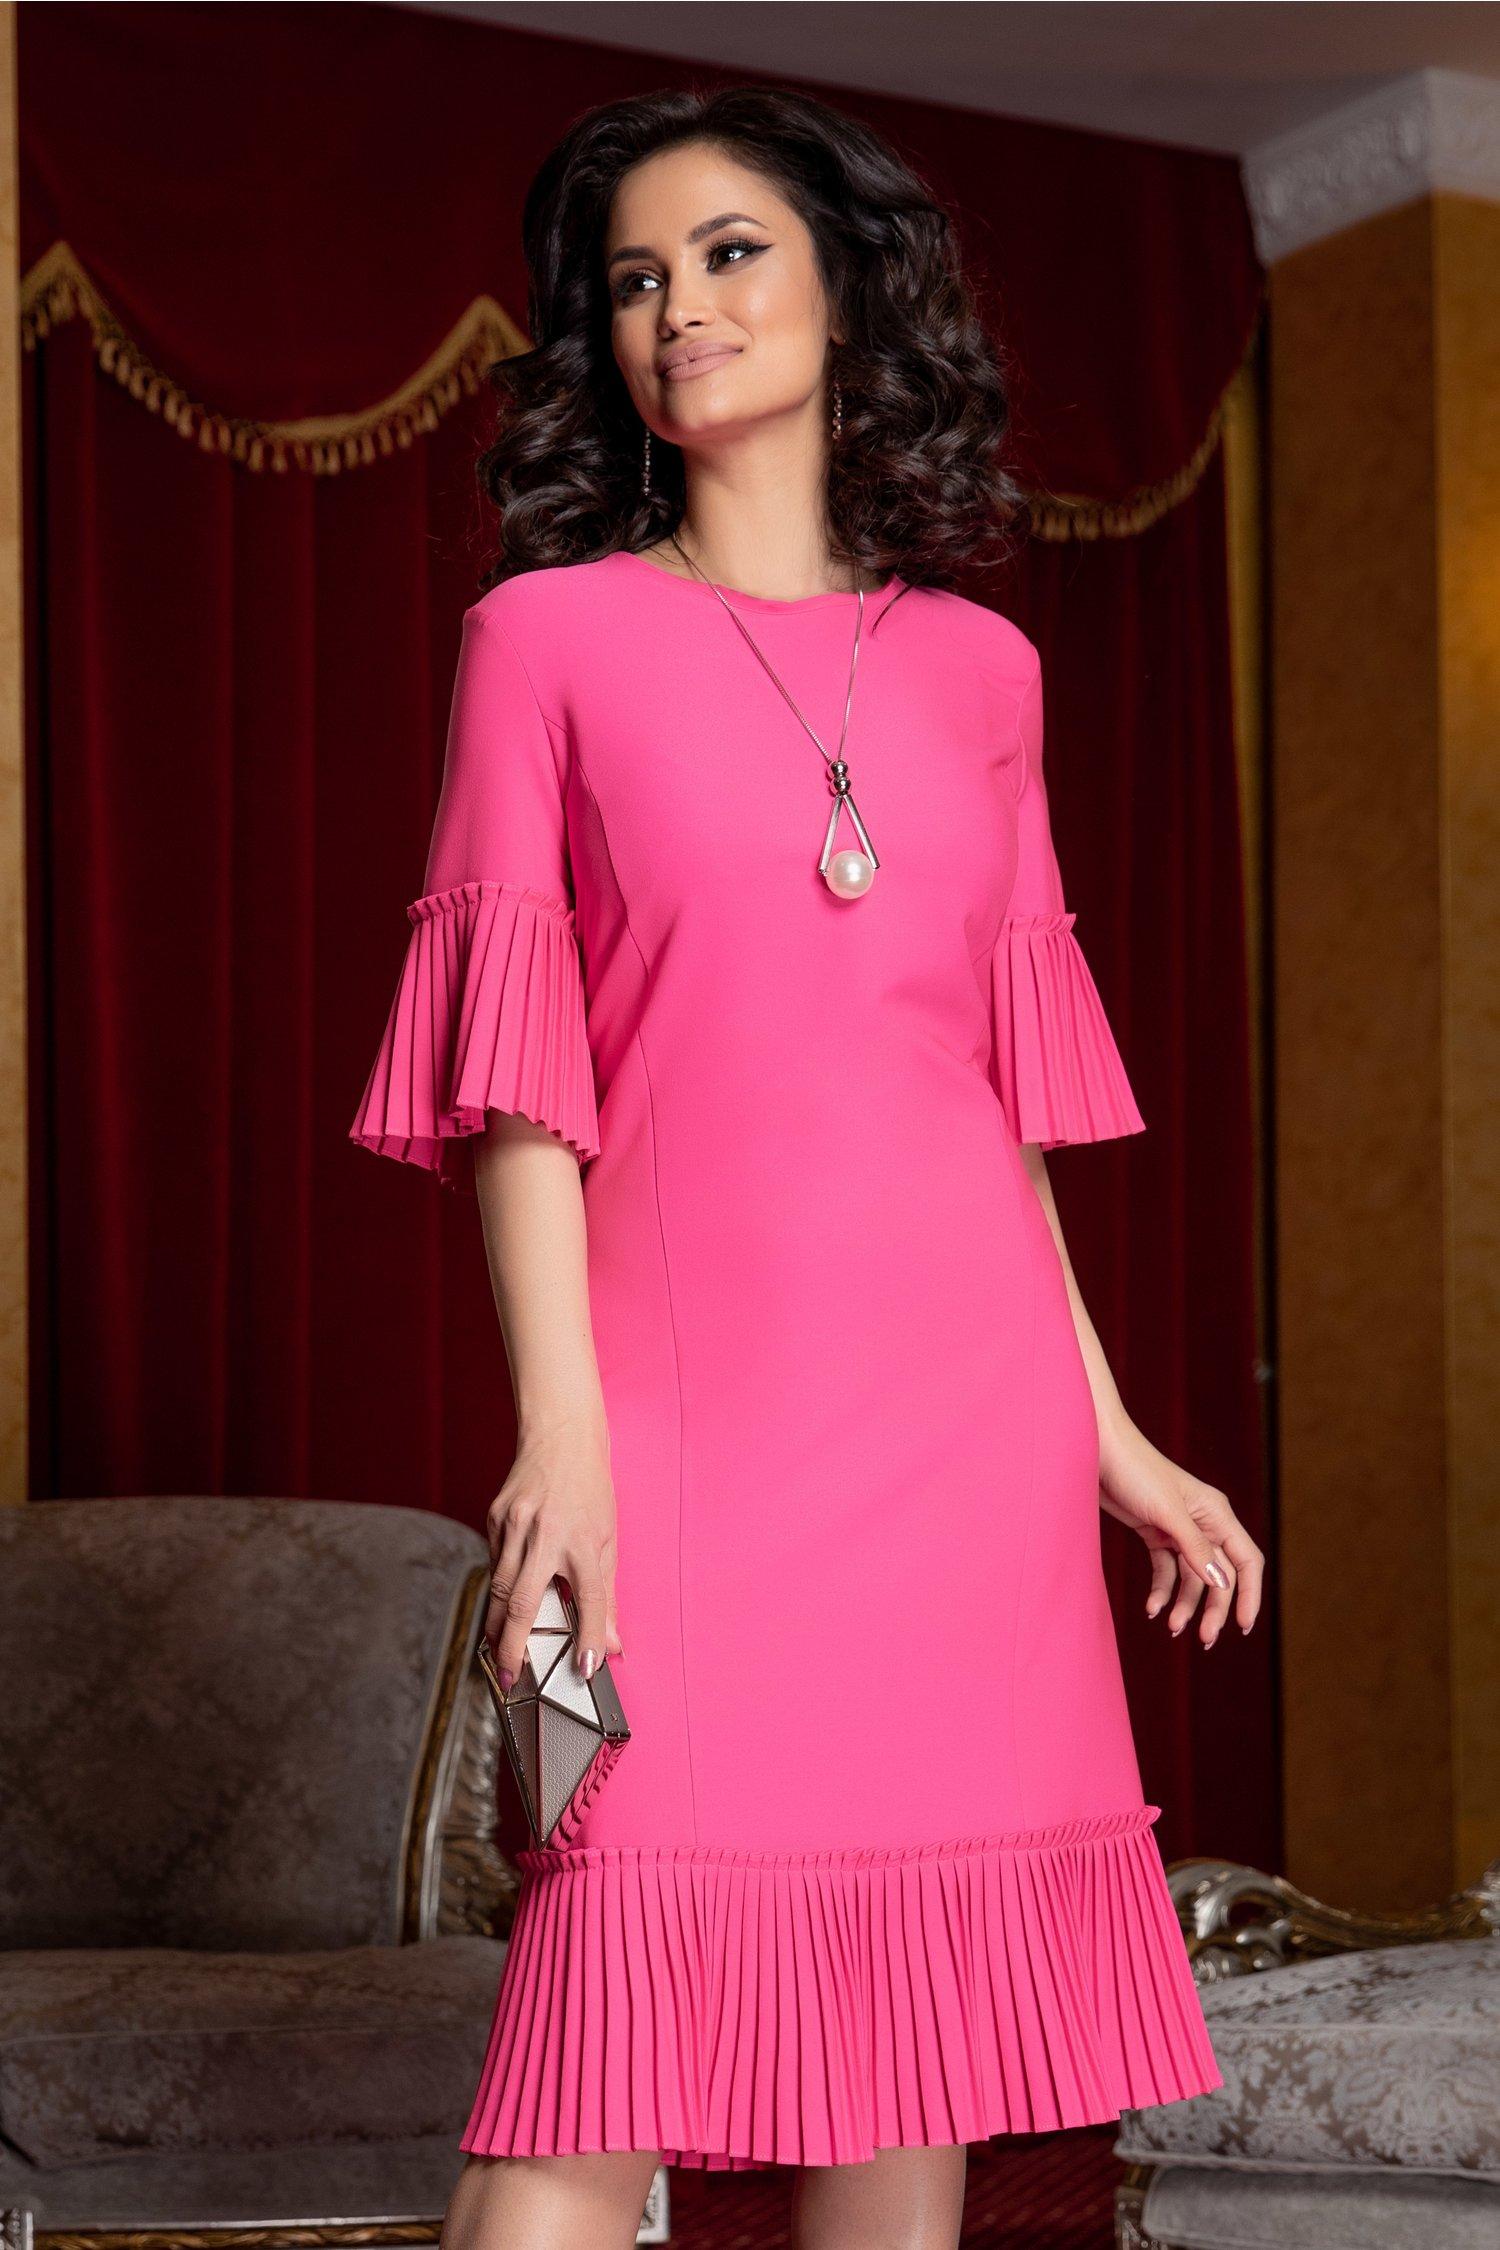 Rochie Eveline roz neon cu volane plisate